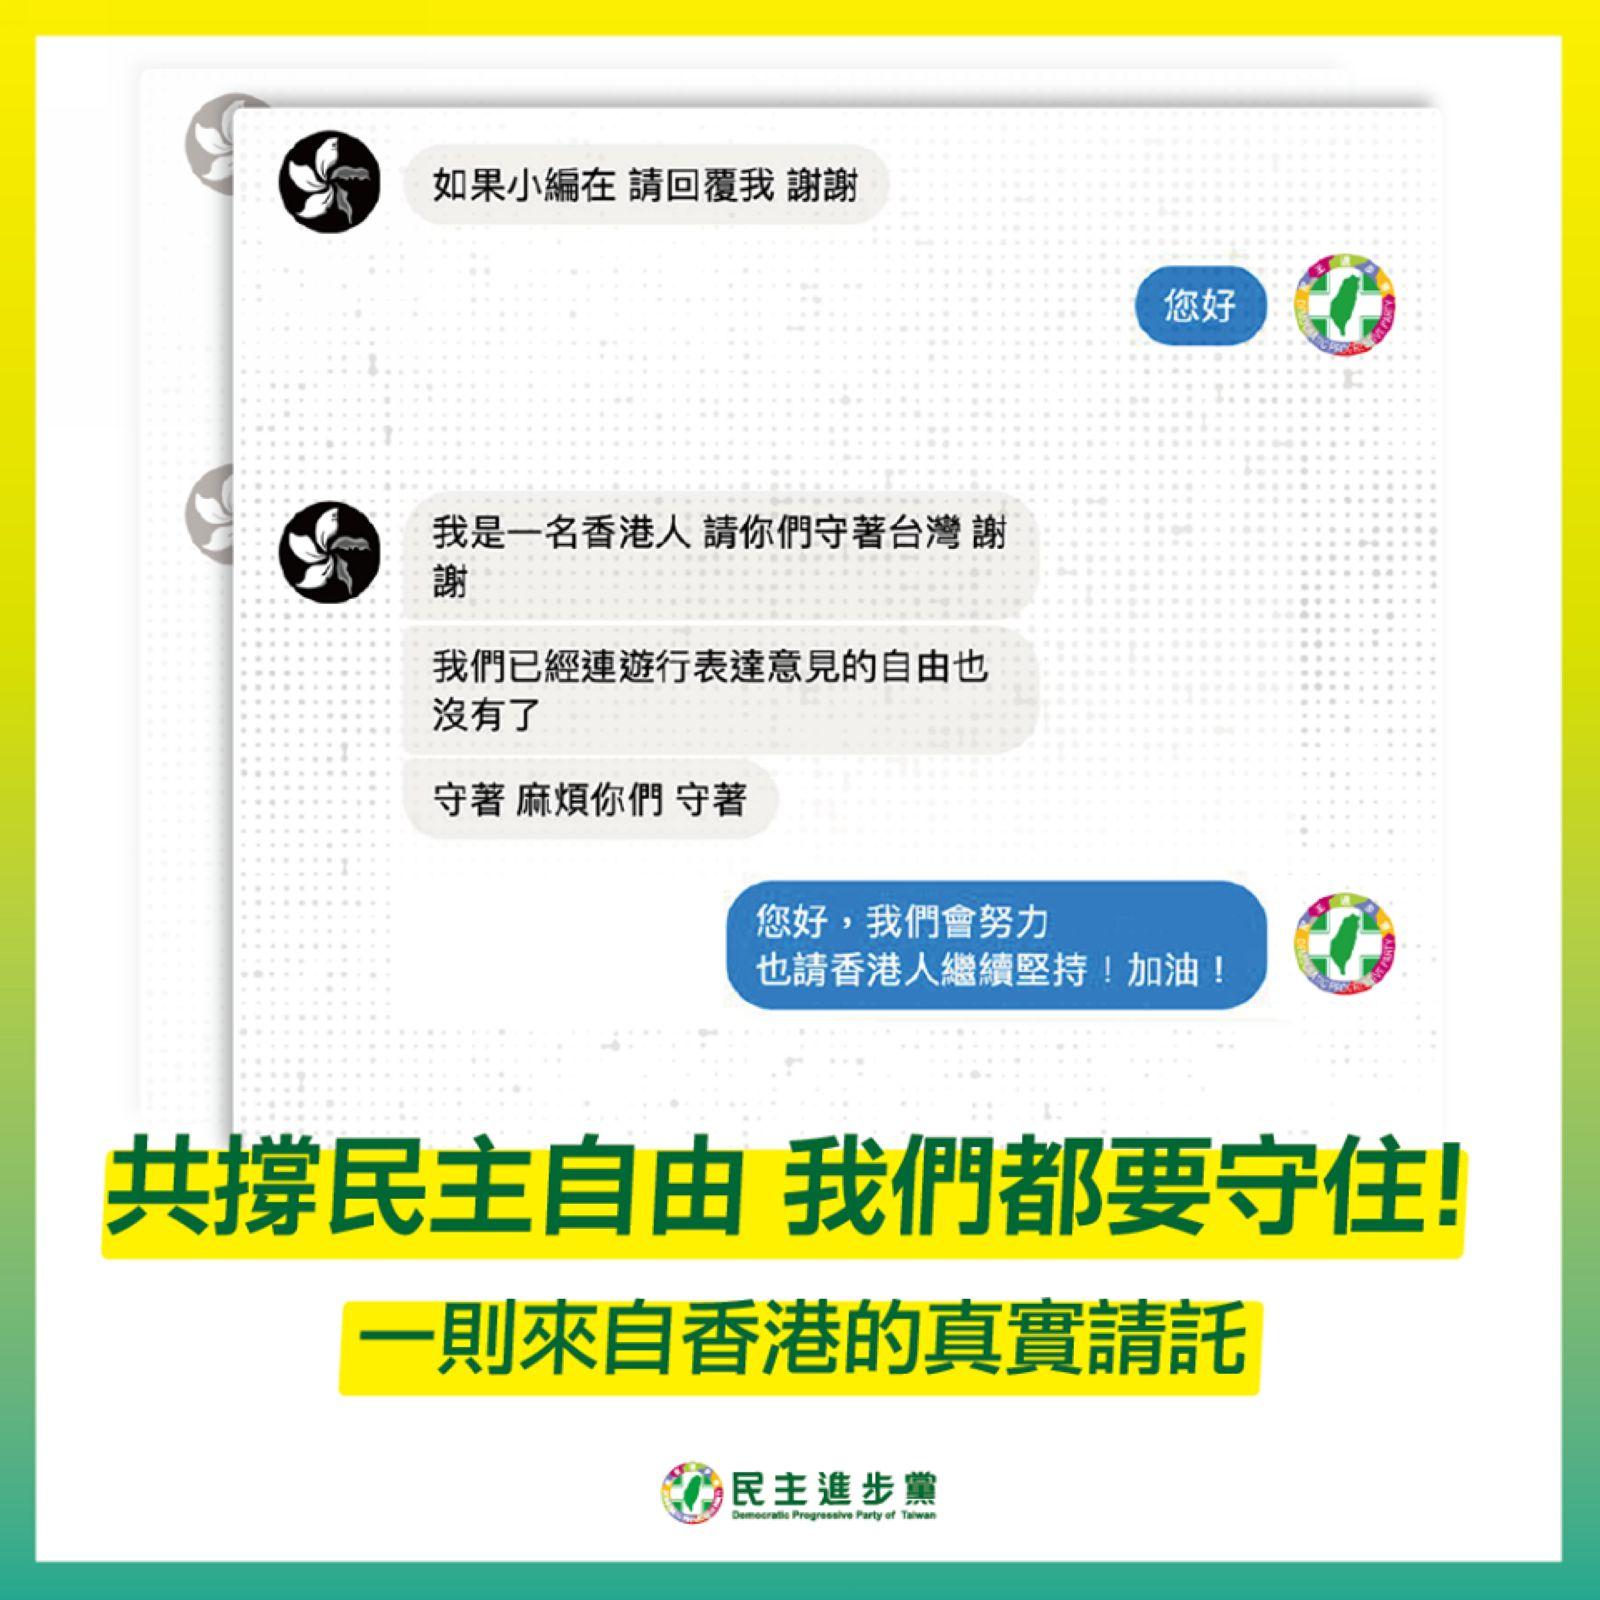 【汪葛雷觀點】民進黨的圍魏救趙—猛打香港牌來遮掩香菸走私案